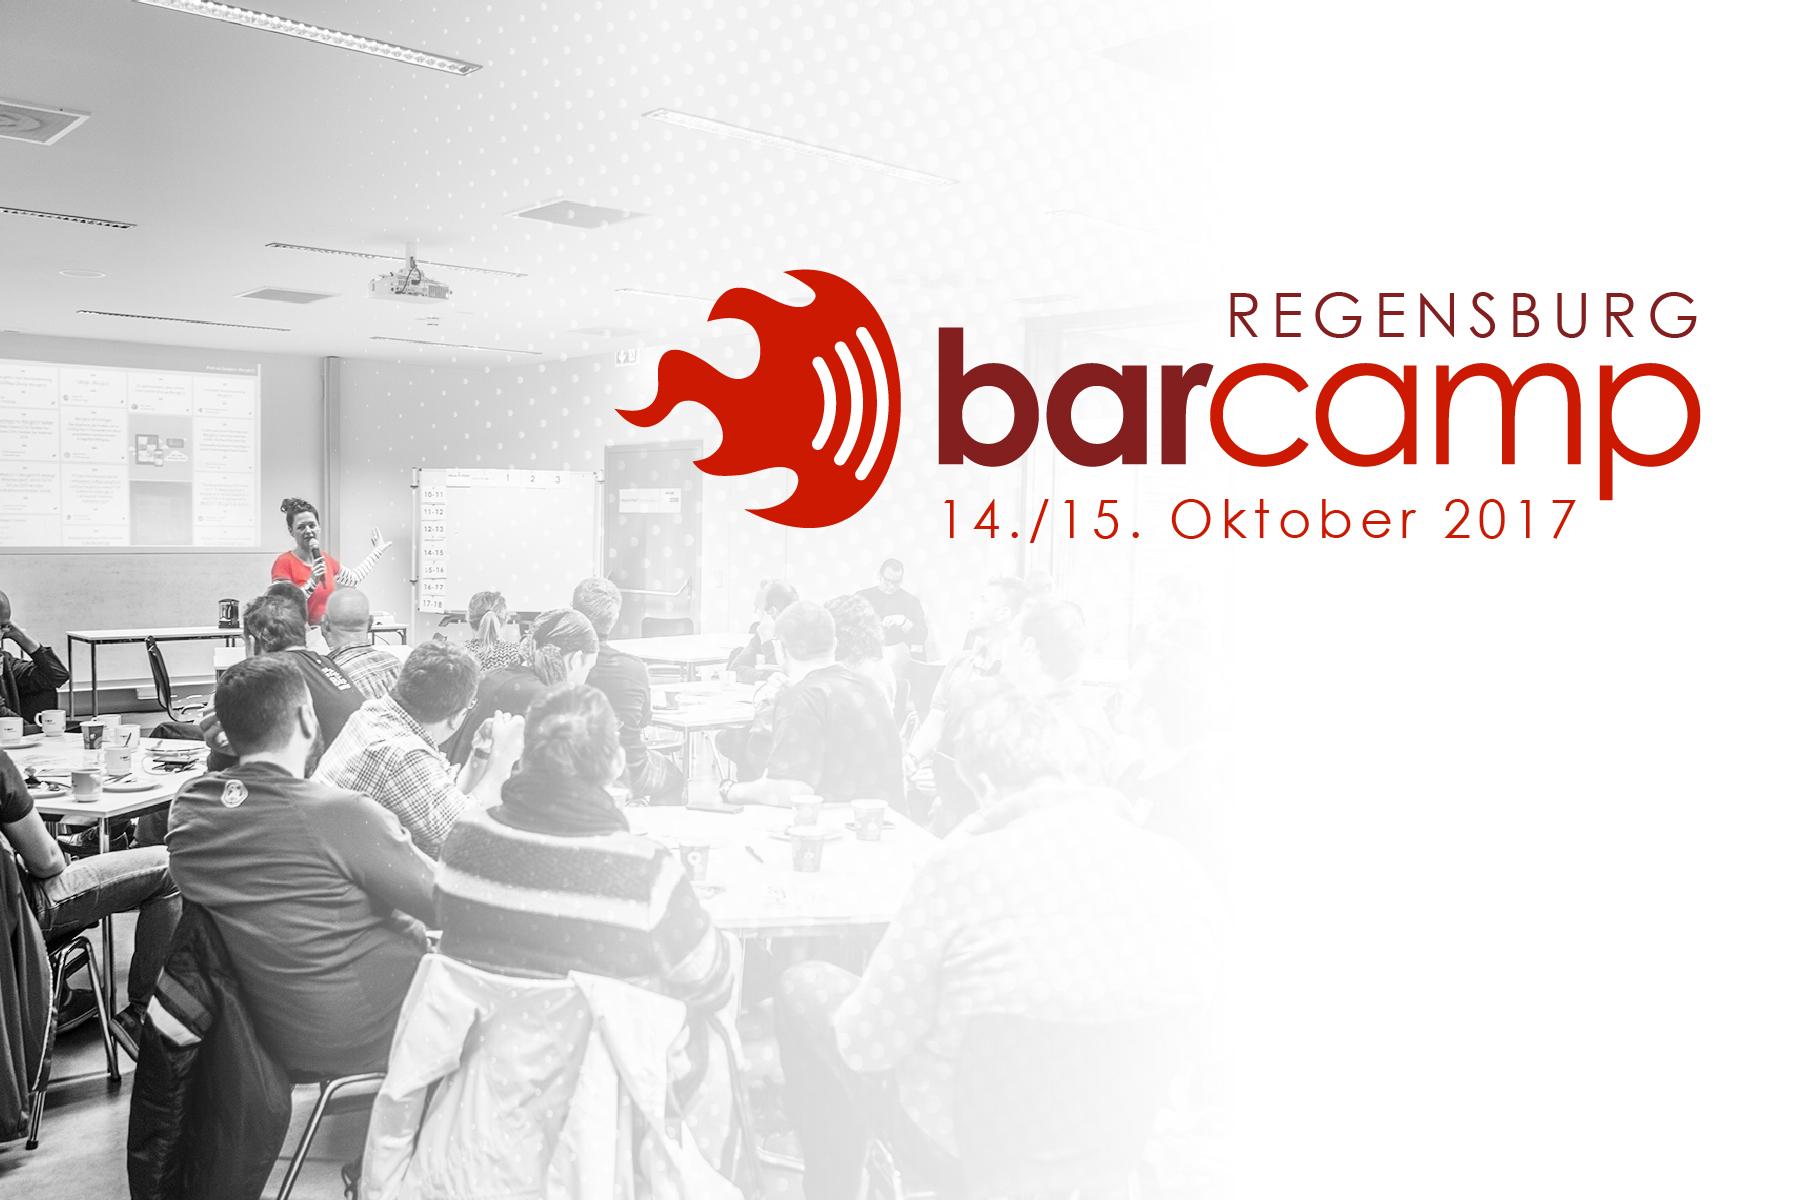 barcamp regensburg 14 15 oktober 2017 techbase regensburg. Black Bedroom Furniture Sets. Home Design Ideas